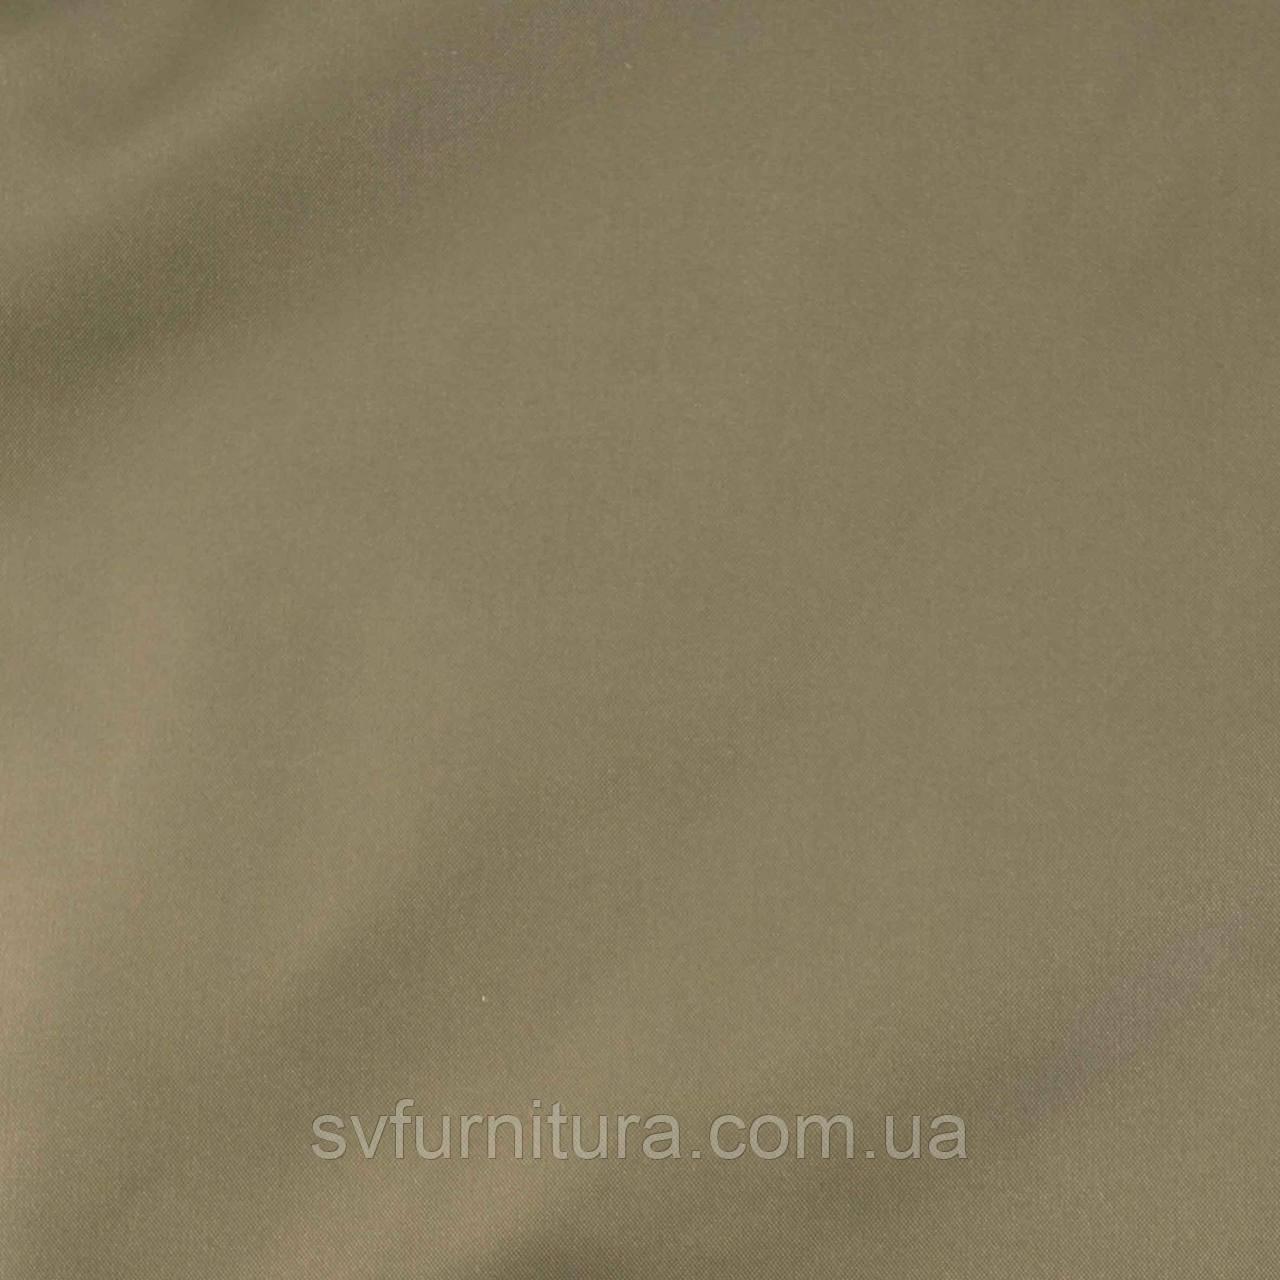 Тканина плащівка АА1 2020 10